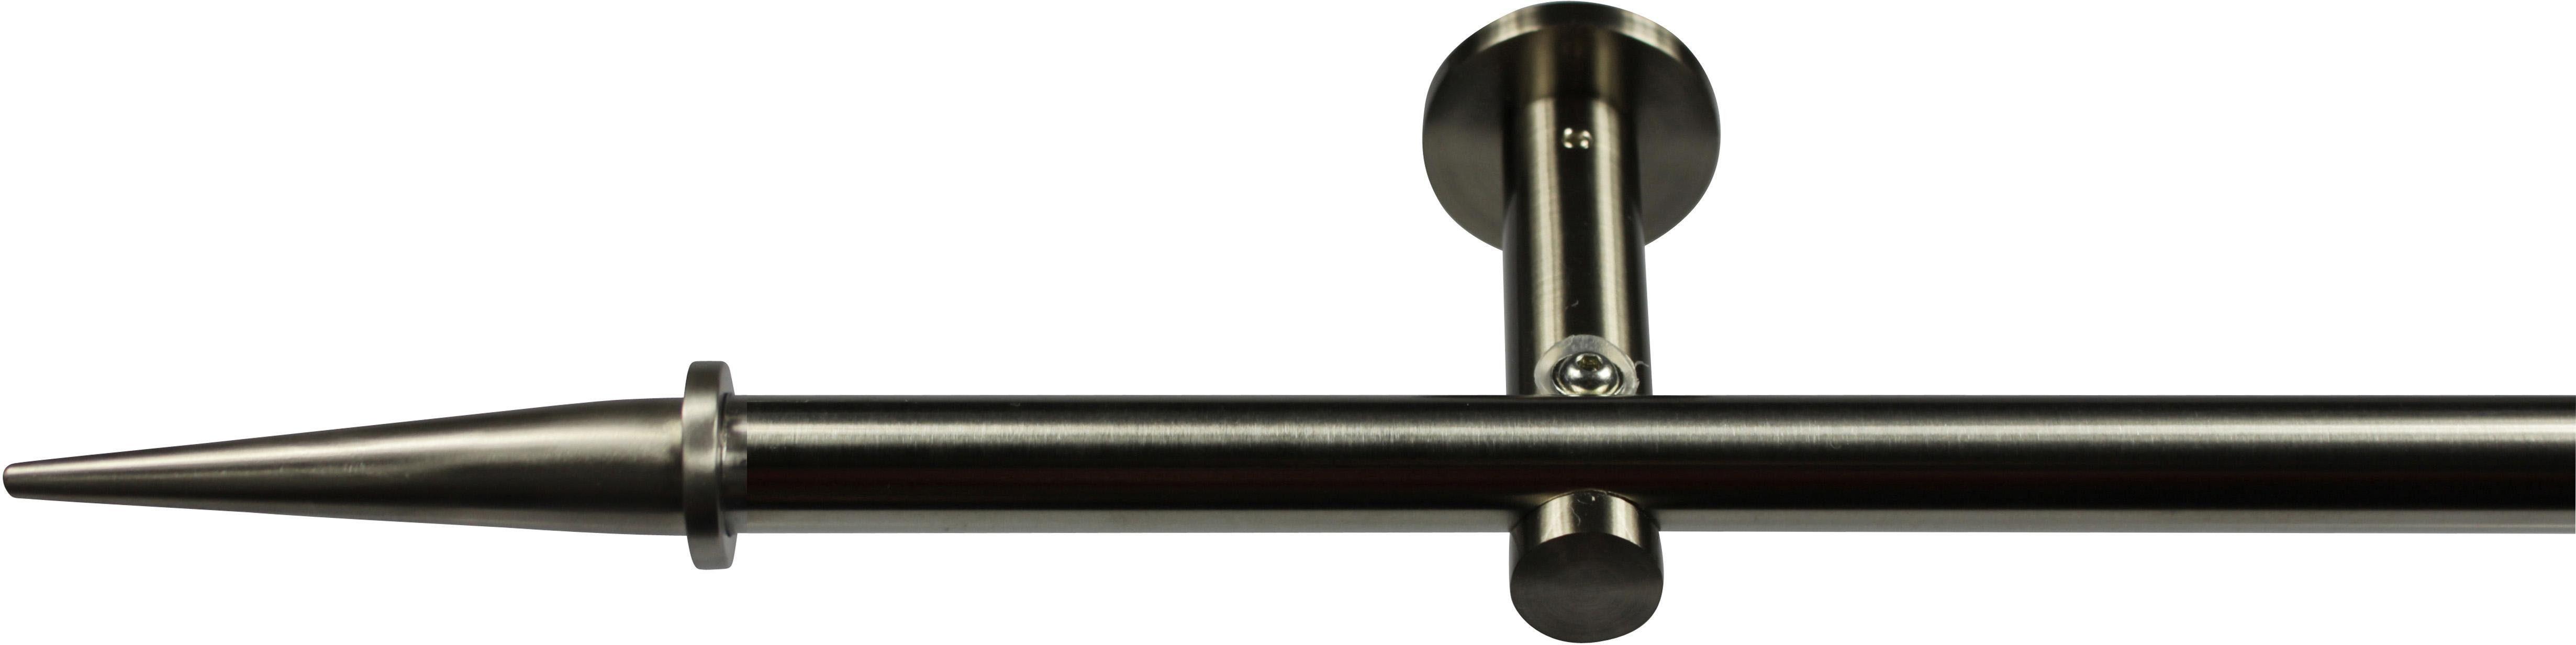 Gardinenstange 16 mm Fily, ohne Ringe, nach Maß